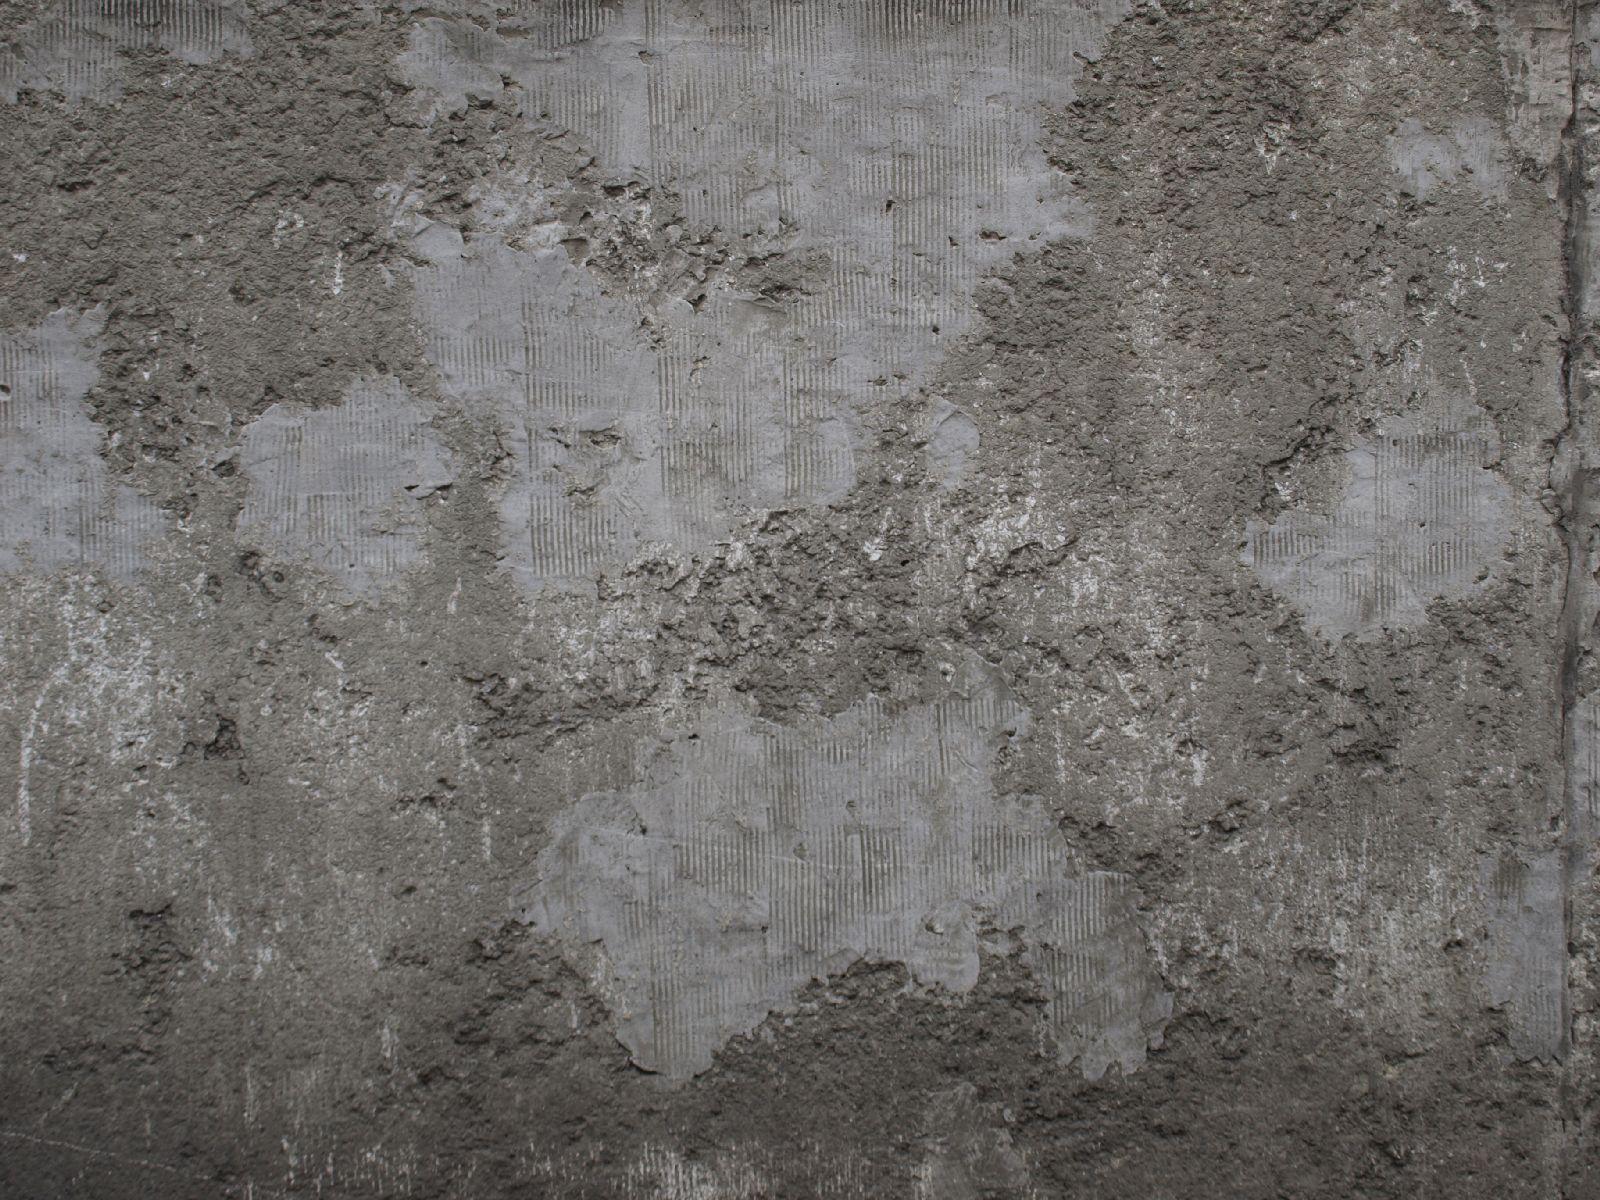 Grunge-Dreck_Textur_A_P4041470